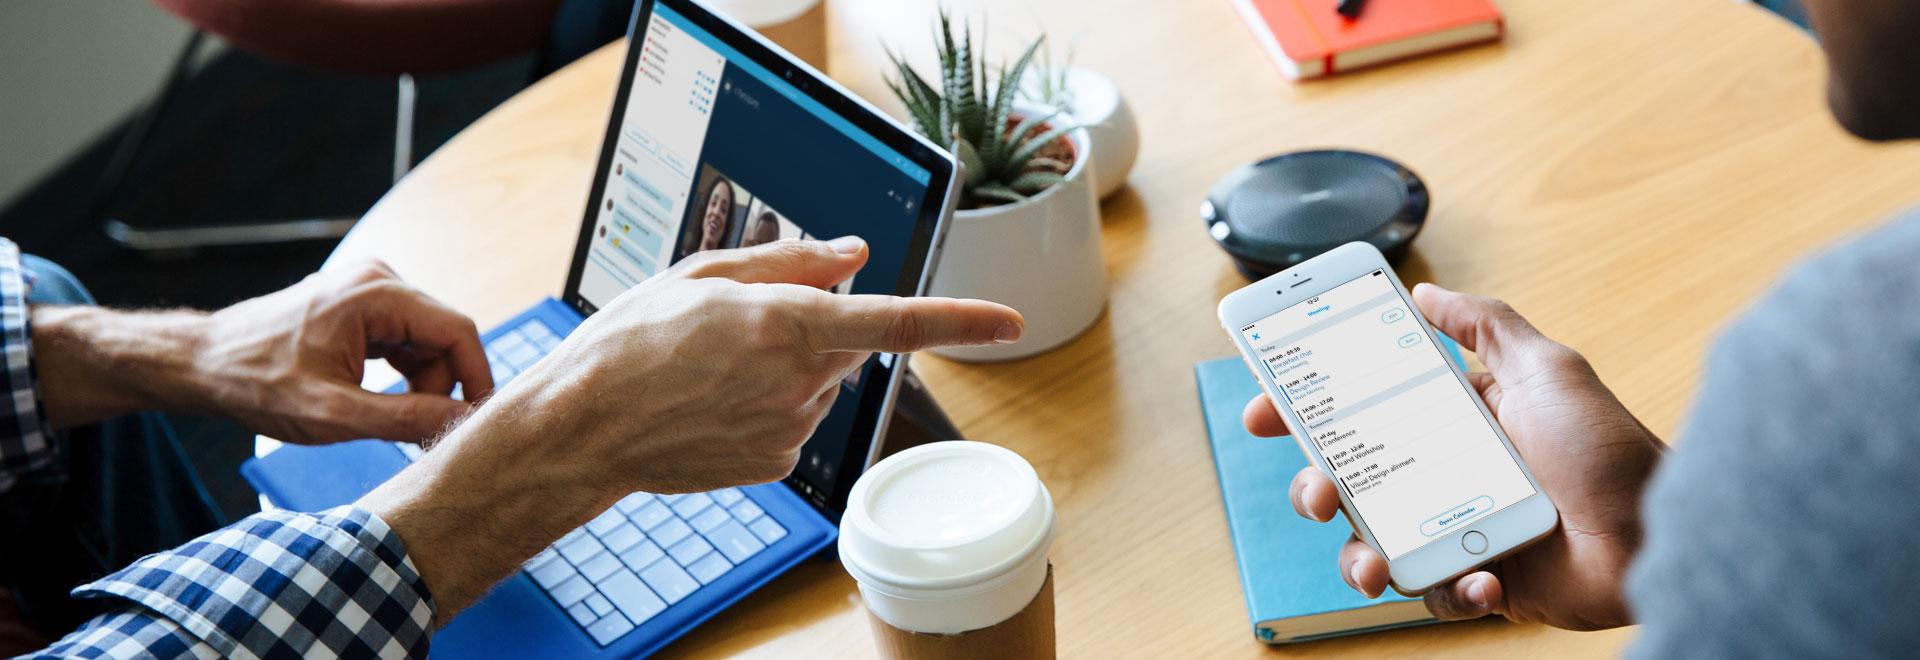 Masada oturmuş biri telefondan, diğeri dizüstü bilgisayardan Skype Kurumsal kullanan iki kişi